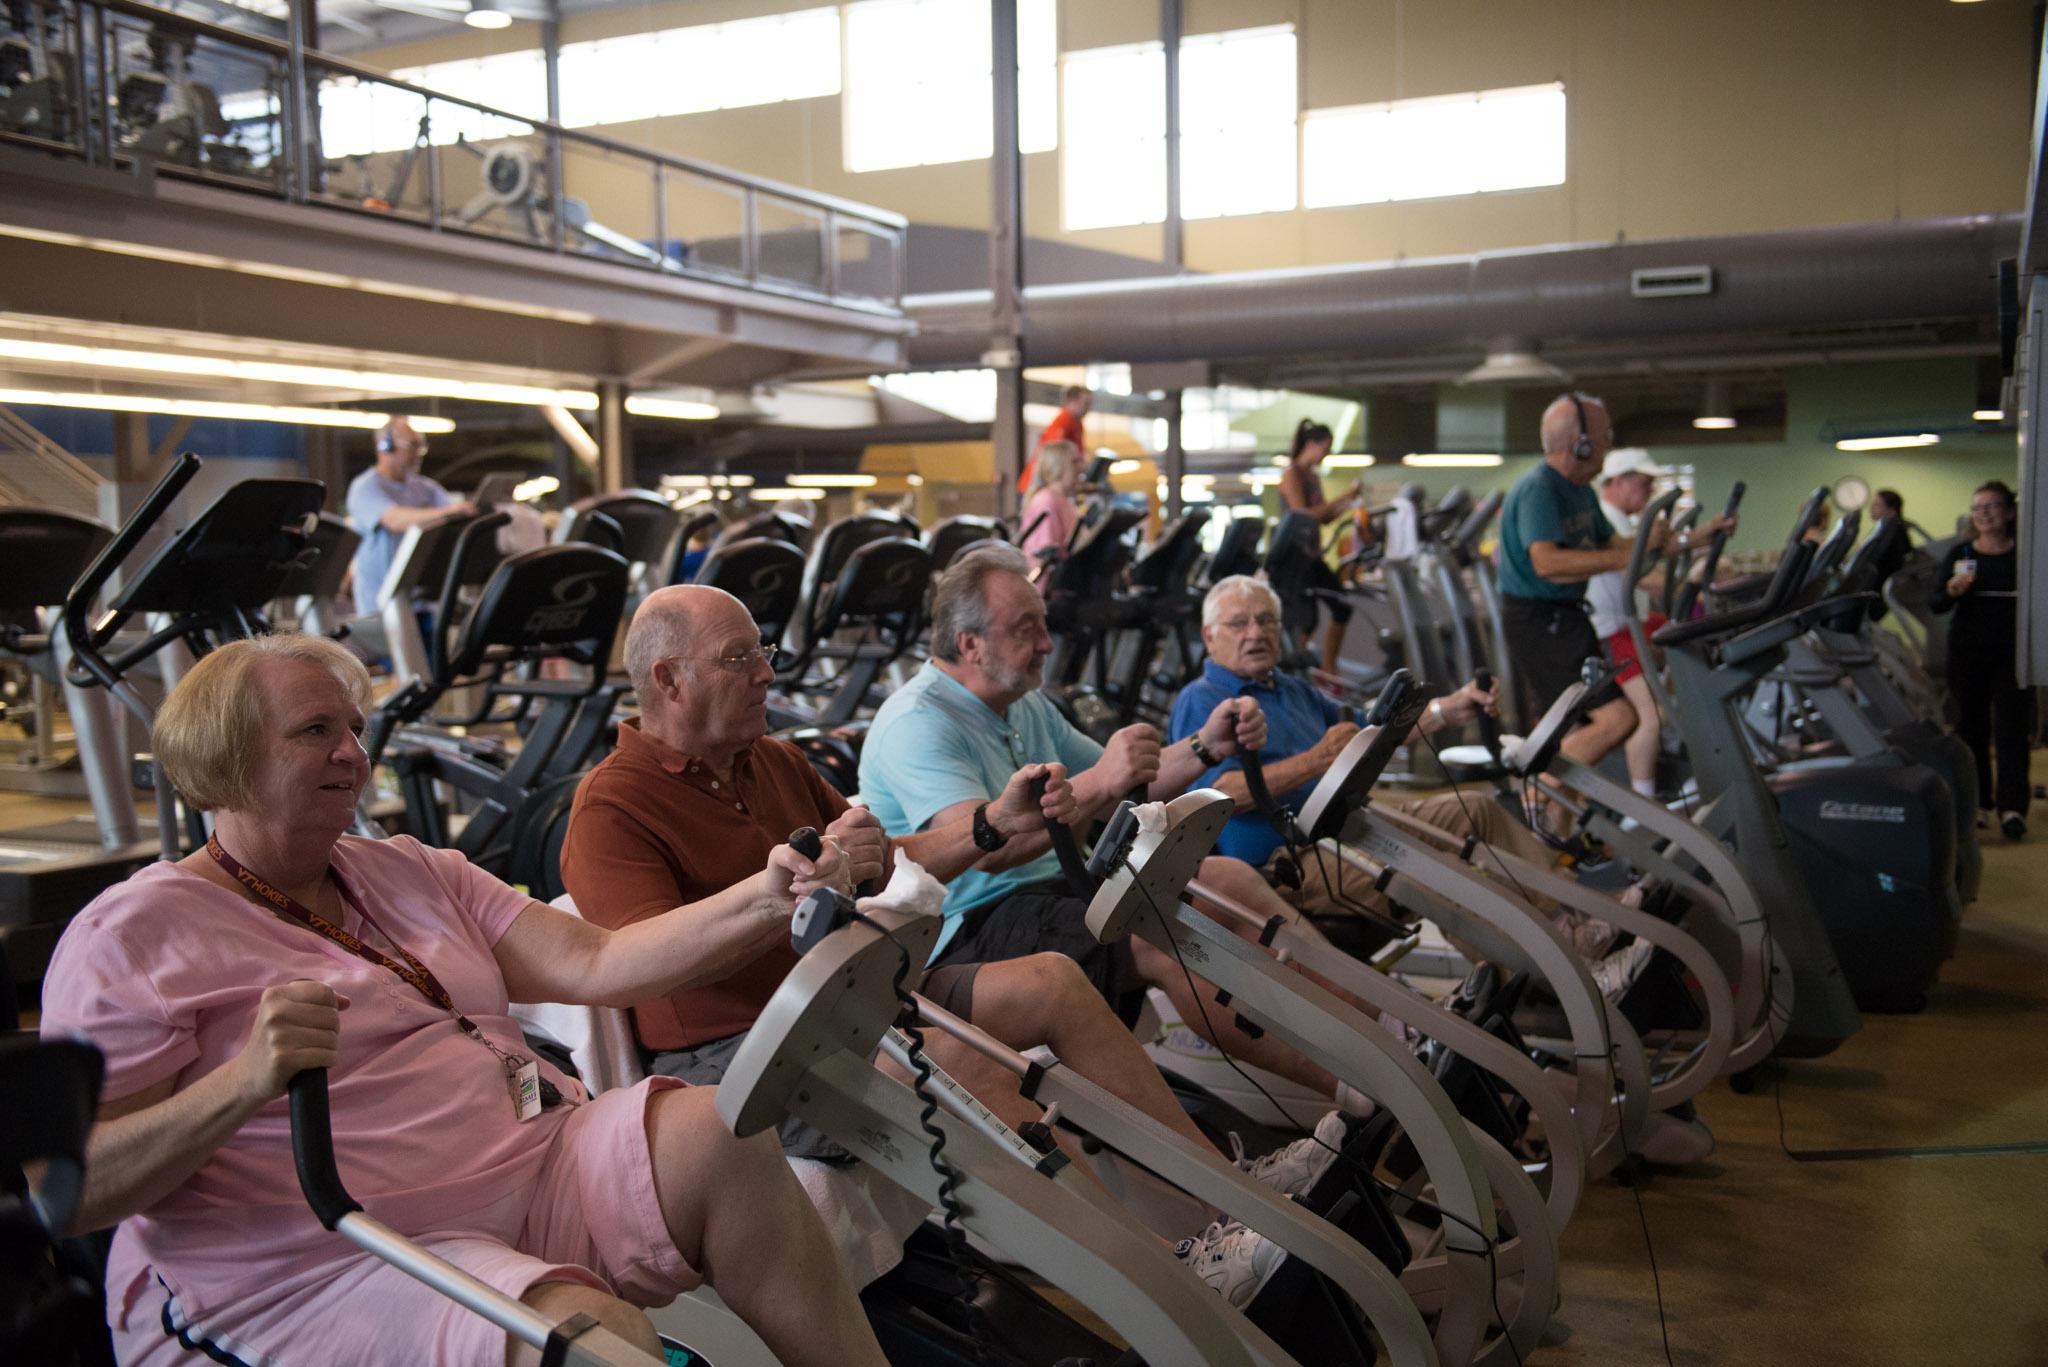 Wellness Center Stock Photos-1380.jpg